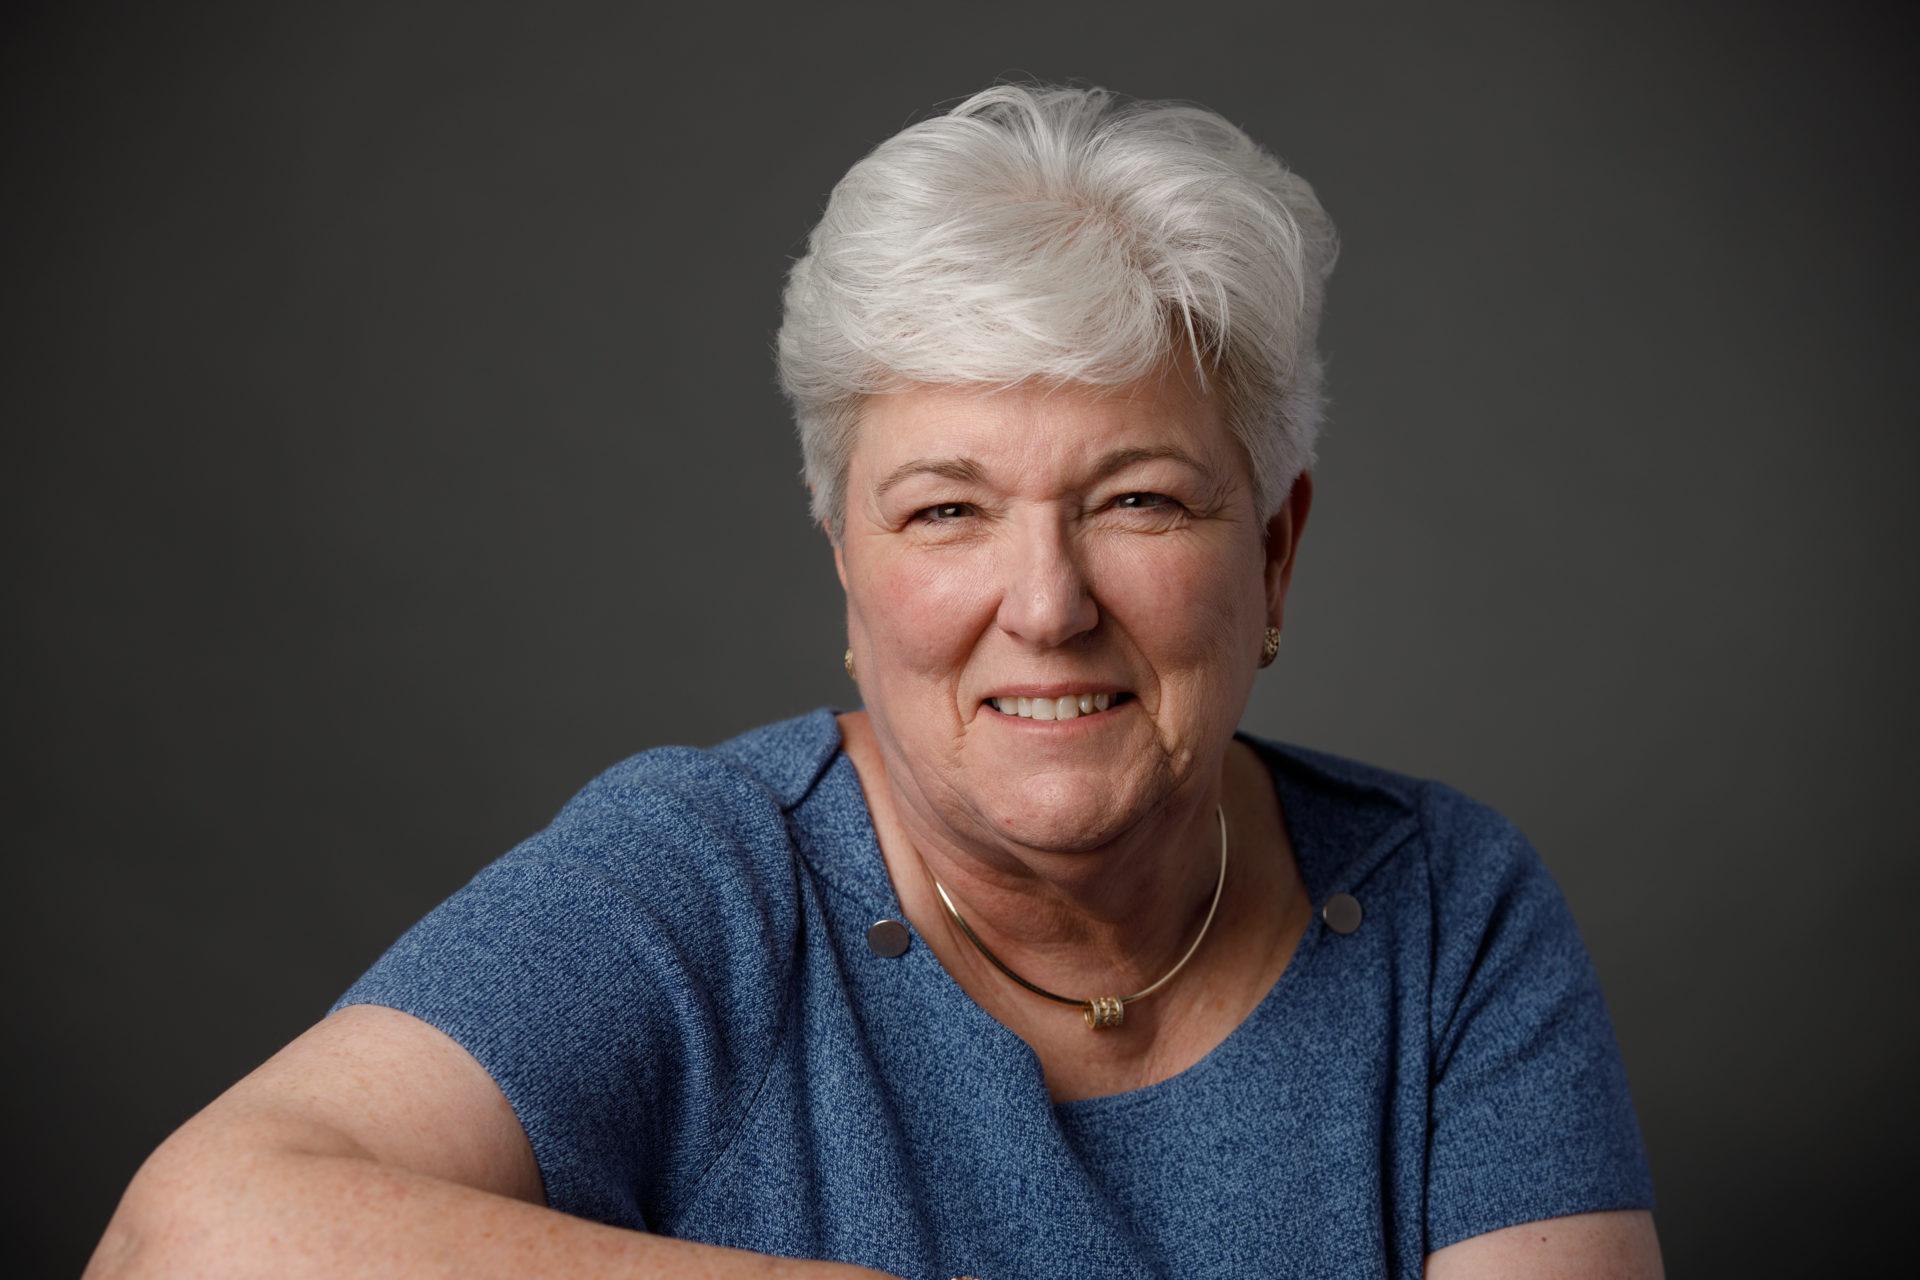 Karen Diefendorf